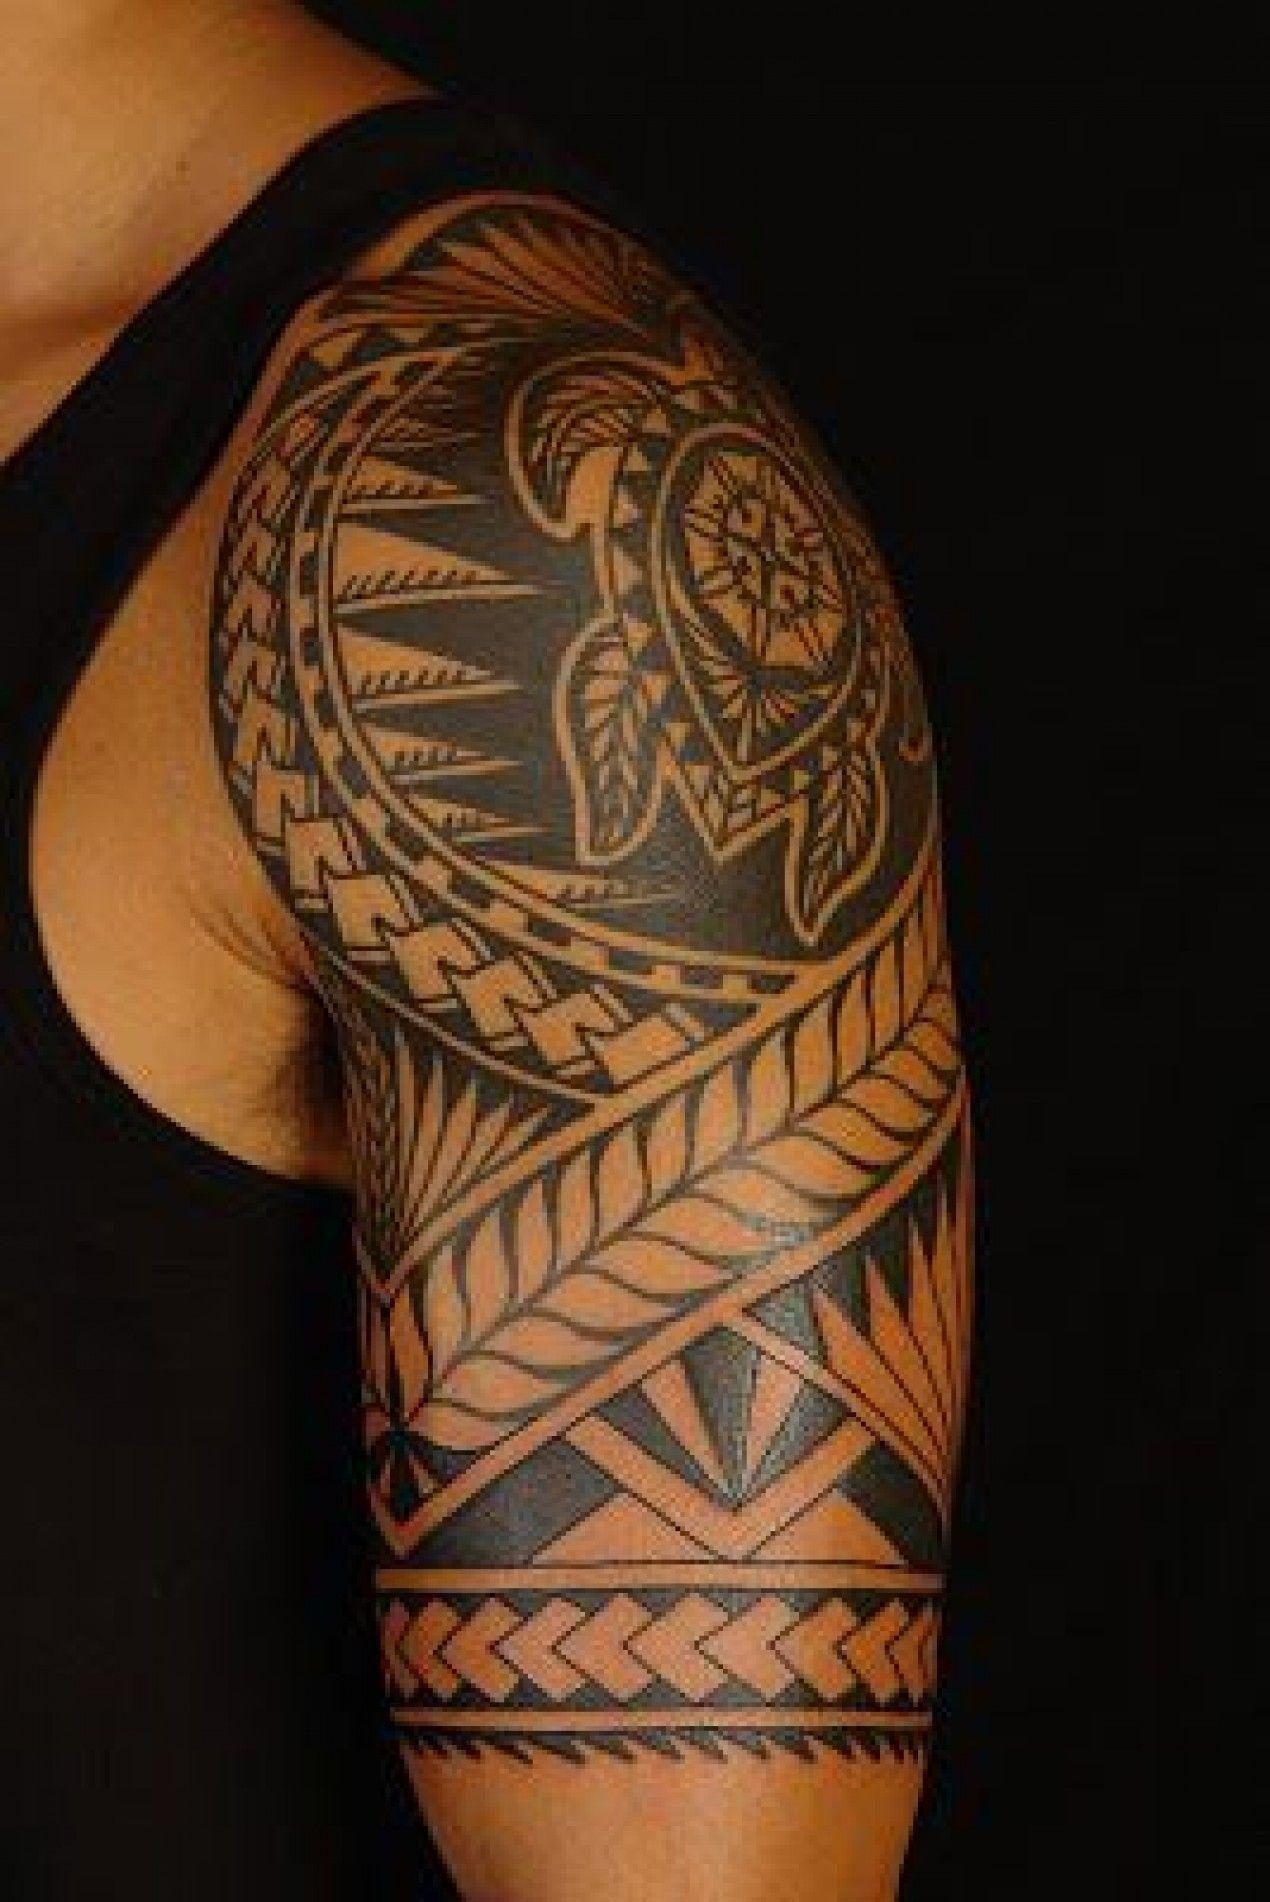 Tatouage homme bras  Venez découvrir 60 modèles en tout genre de tattoos  pour les hommes qui cherchent à se faire tatouer le bras.